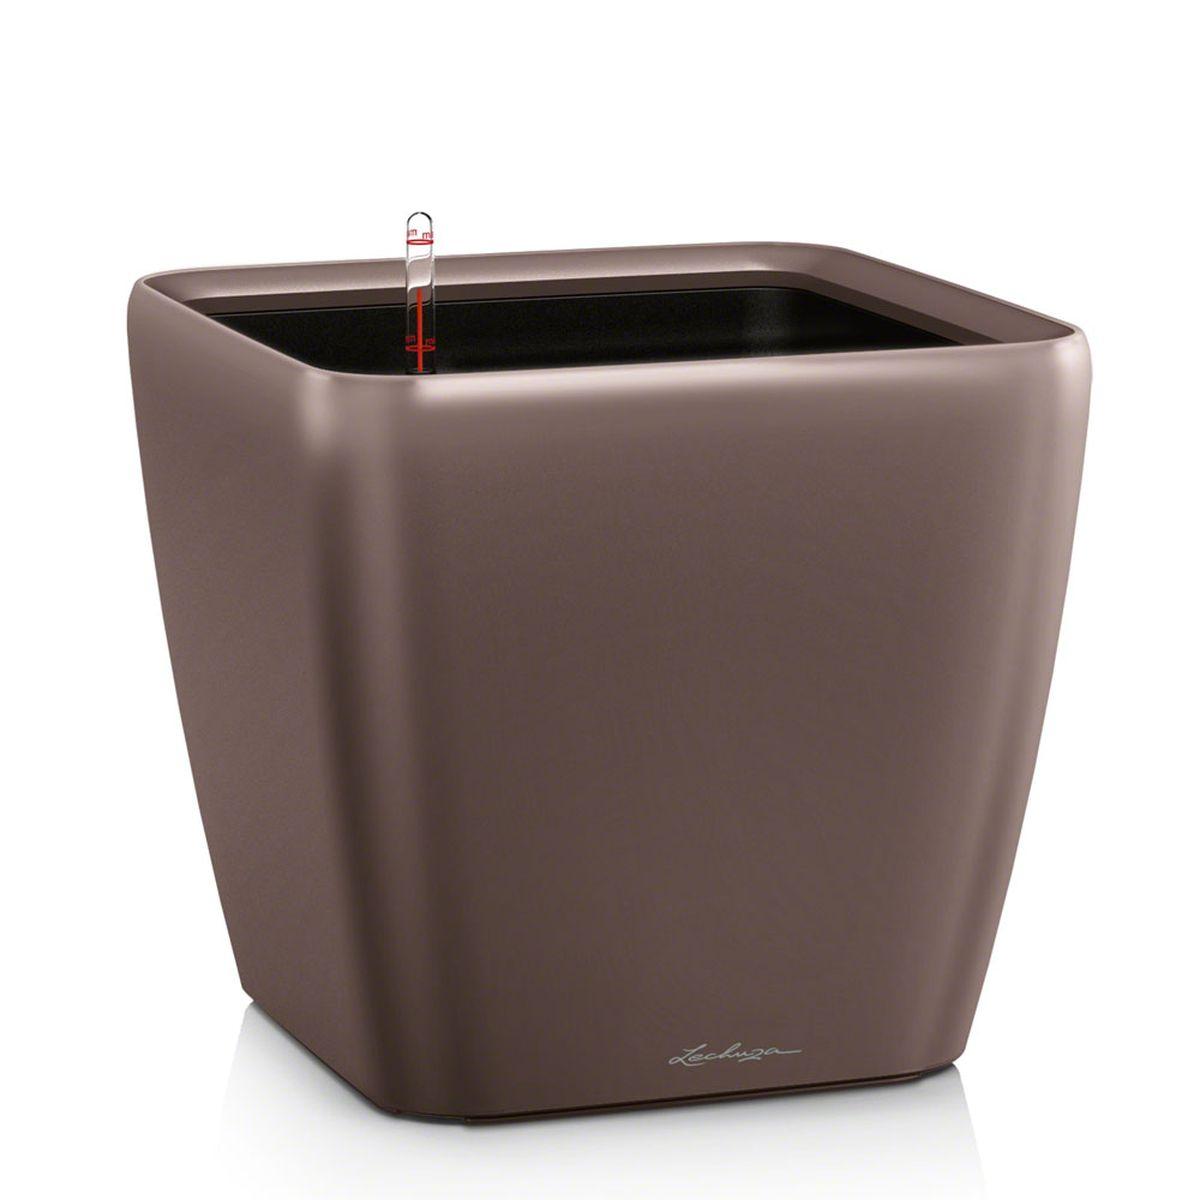 Кашпо Lechuza Quadro, с системой автополива, цвет: эспрессо, 33 х 33 х 35 см1186598Кашпо Lechuza Quadro, выполненное извысококачественного пластика, имеет уникальную системуавтополива, благодаря которой корневая система растениянепрерывно снабжается влагой из резервуара. Уровень водыв резервуаре контролируется с помощью специальногоиндикатора. В зависимости от размера кашпо и растенияводы хватает на 2-12 недель. Это способствует хорошему ростуцветов и предотвращает переувлажнение. В набор входит: кашпо, внутренний горшок, индикатор уровняводы, вал подачи воды, субстрат растений в качестведренажного слоя, резервуар для воды. Кашпо Lechuza Quadro прекрасно впишется в любойинтерьер. Оно поможет расставить нужные акценты ипридаст помещению вид, соответствующий вашимпредставлениям.